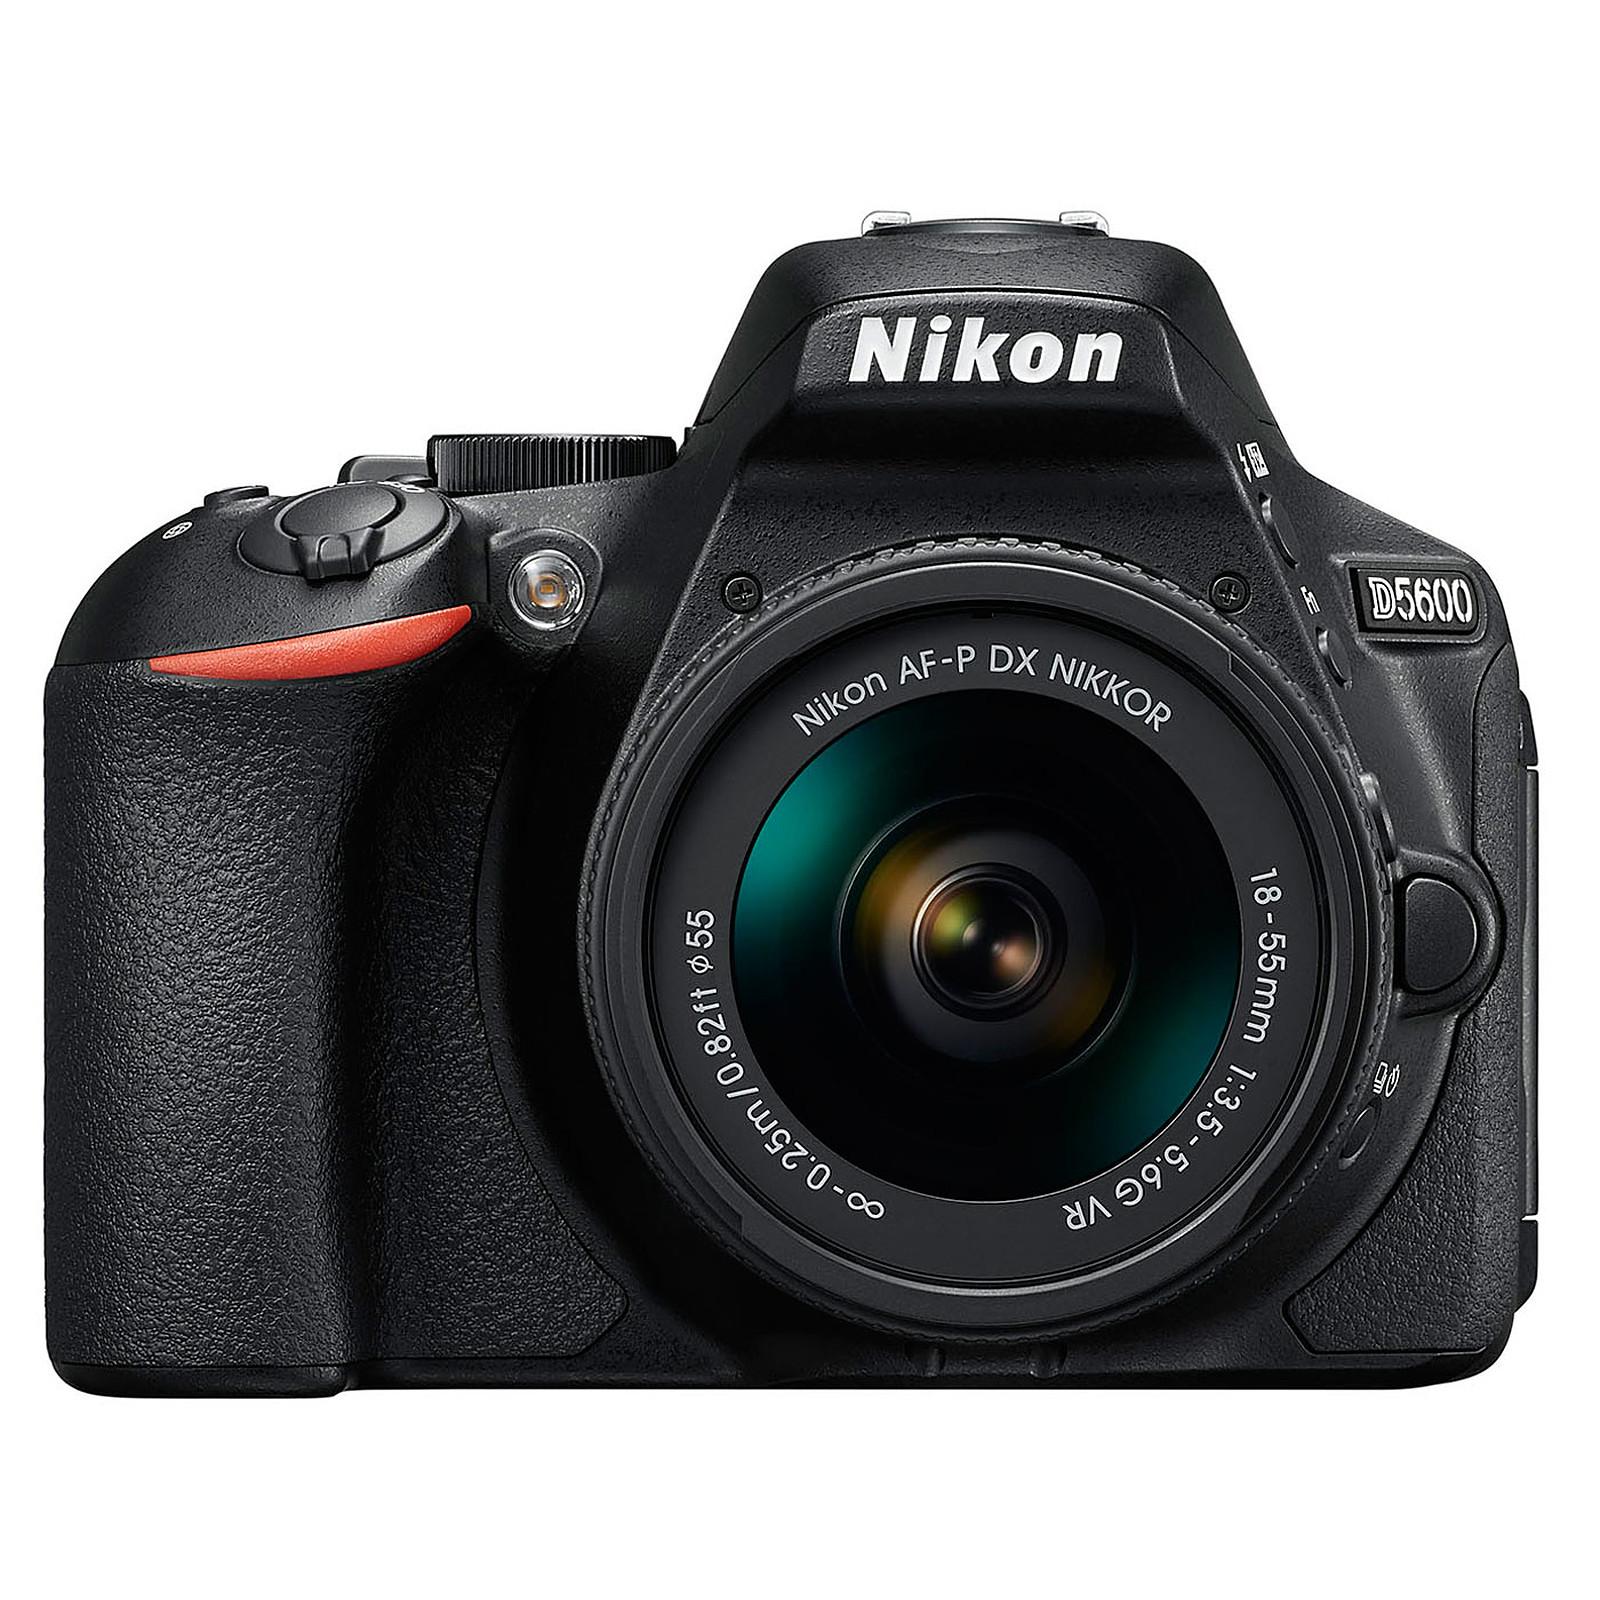 Nikon D5600 + AF-P DX NIKKOR 18-55mm VR